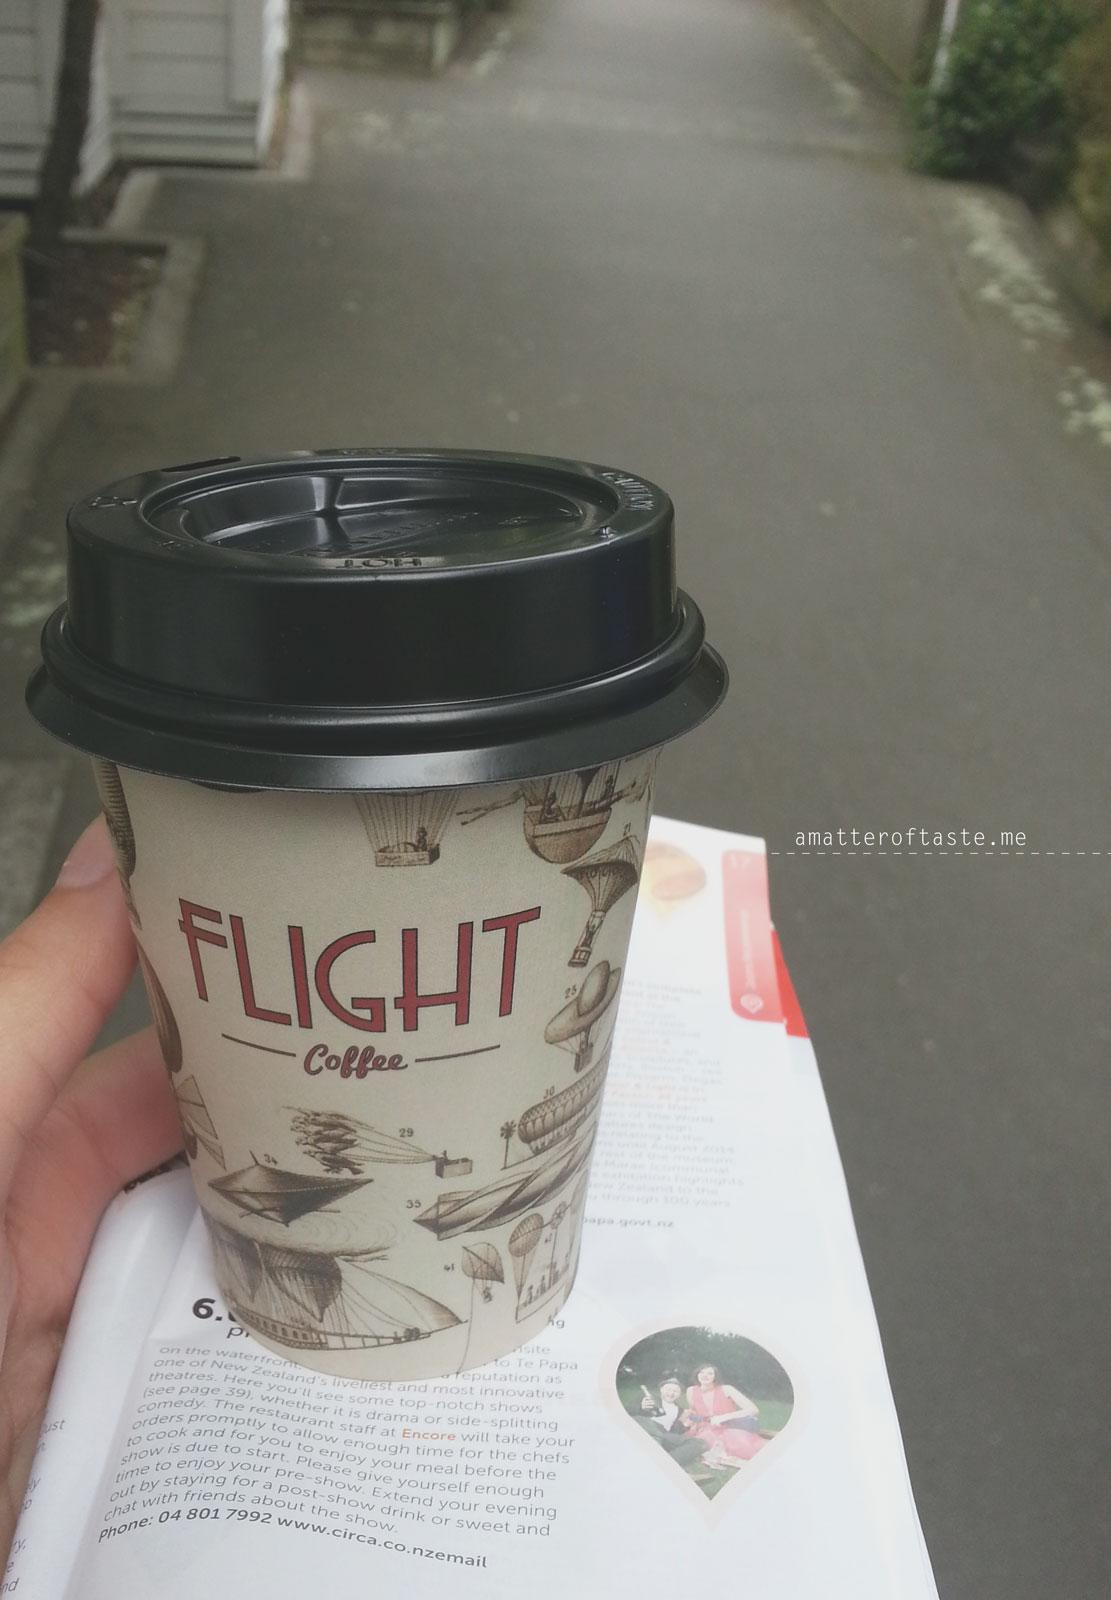 Flight Coffee the best in Wellington